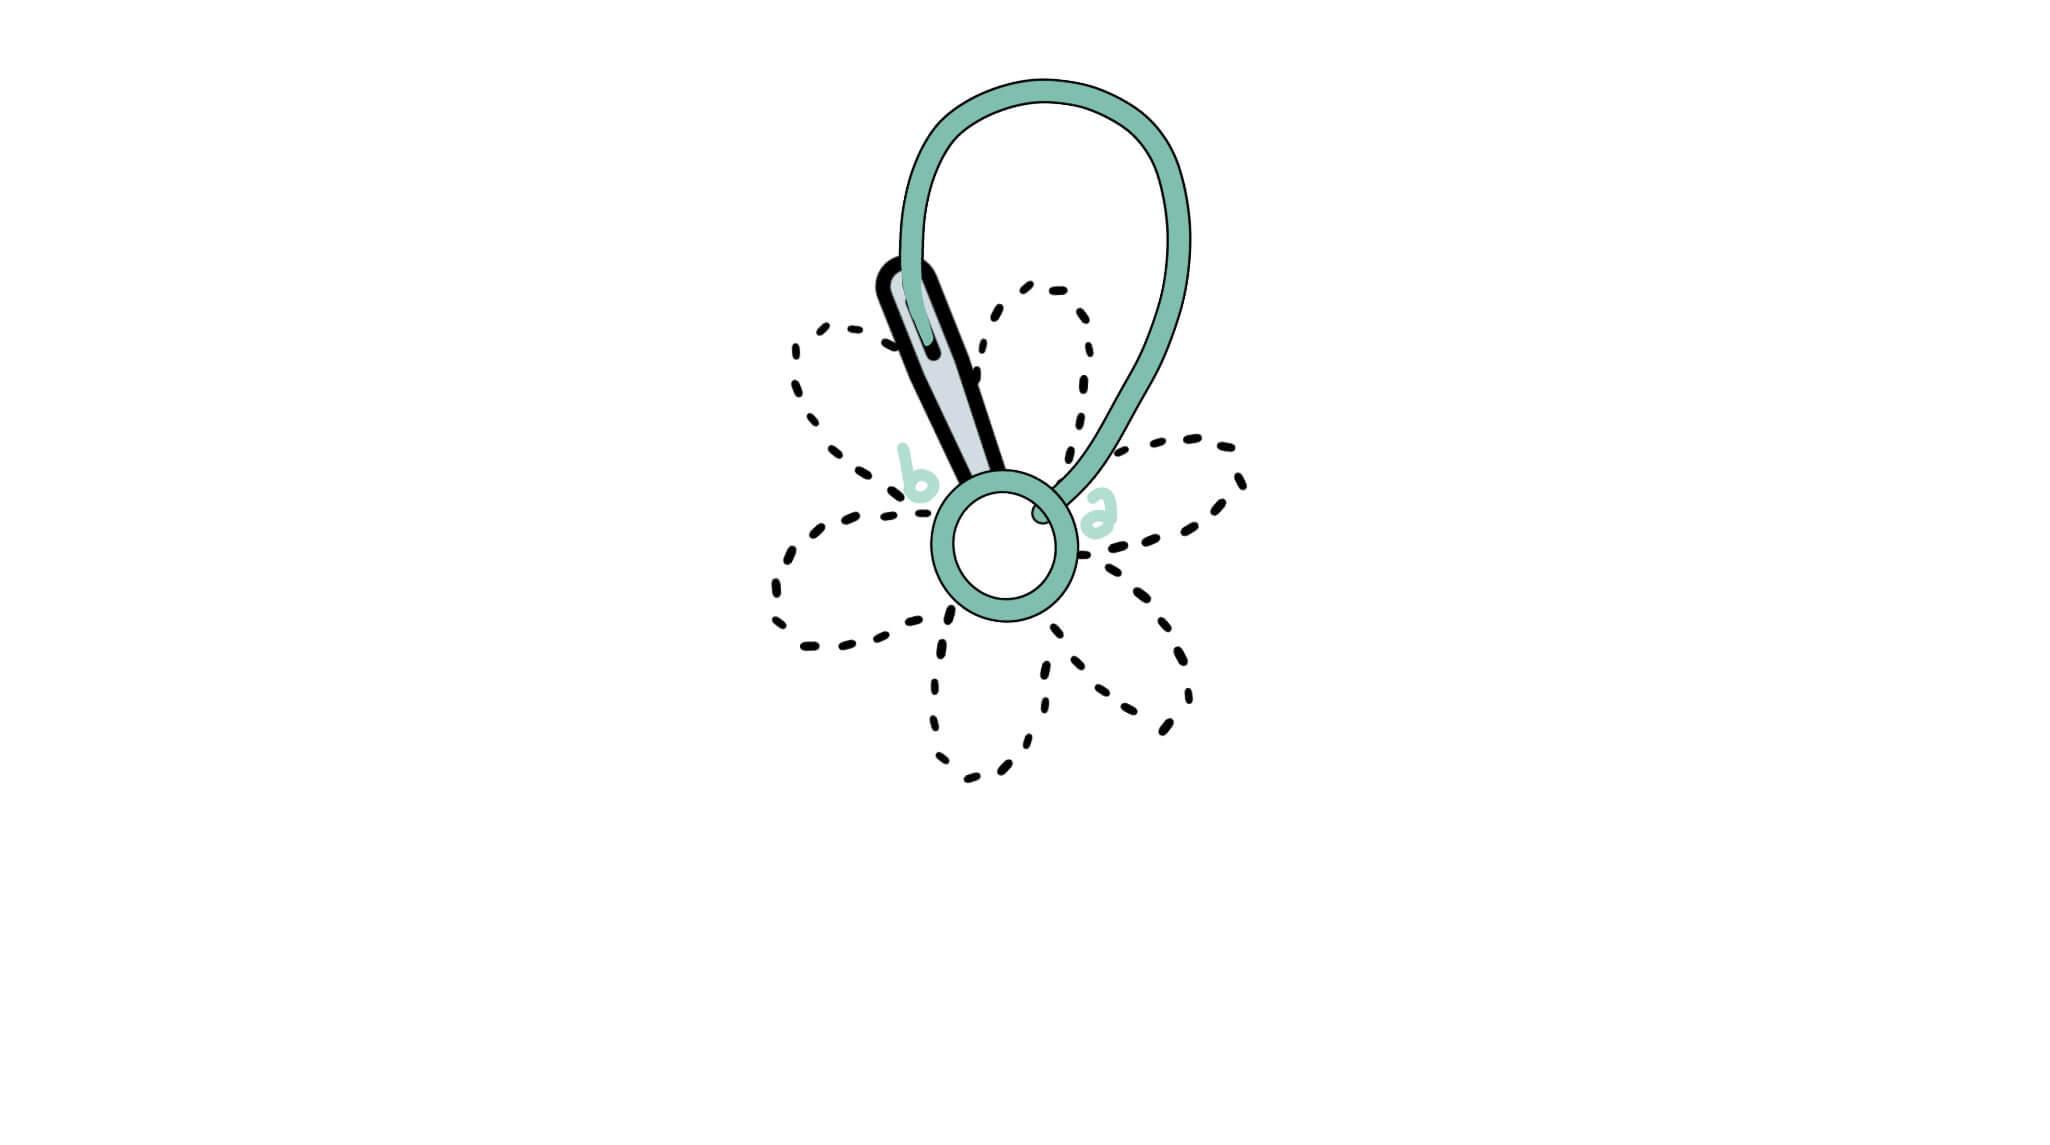 3 6 - Lazy daisy stitch